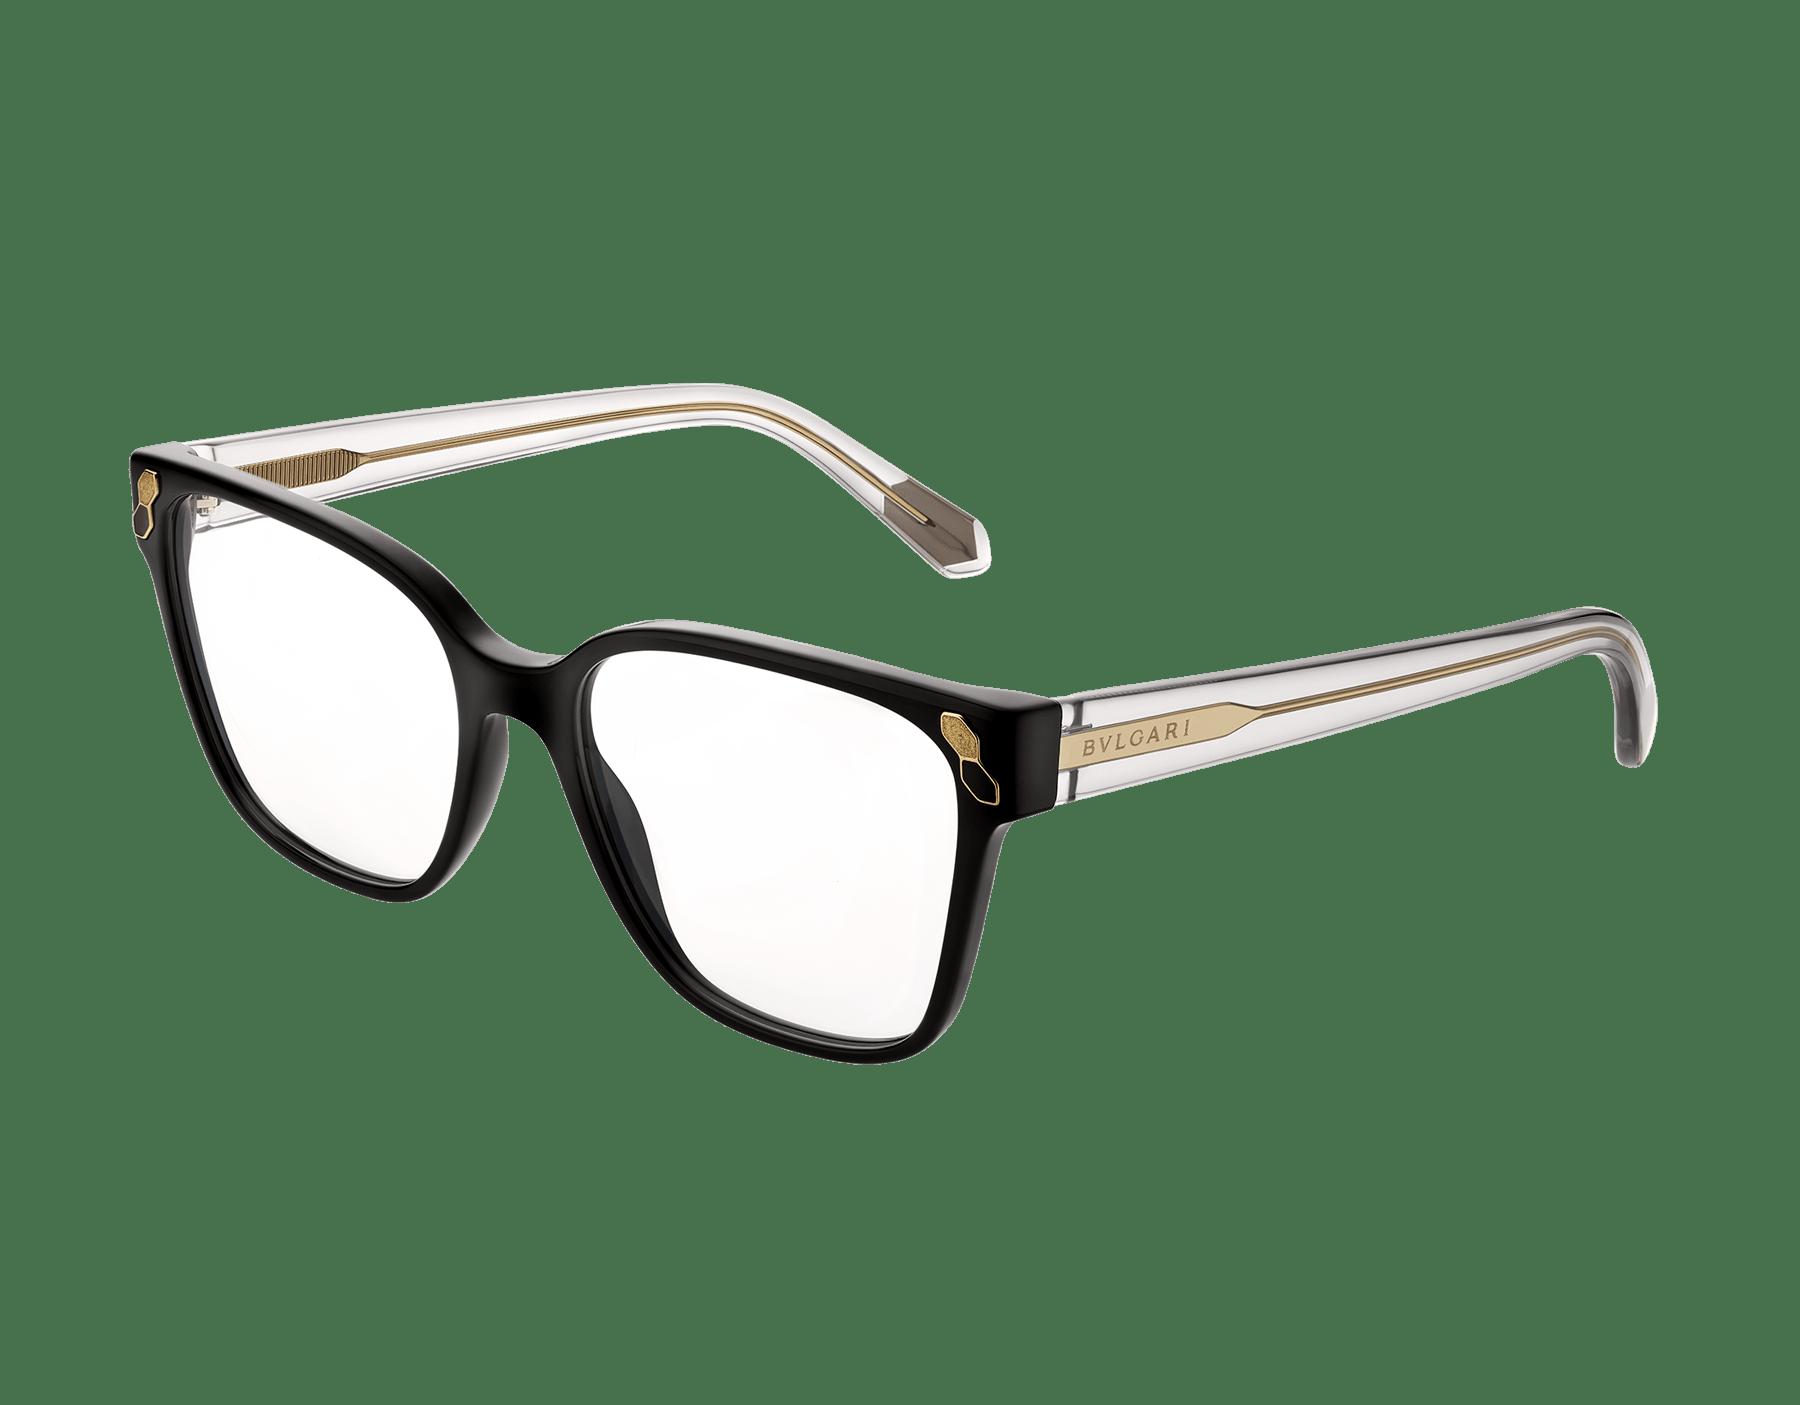 Occhiali da vista Serpenti con montatura rettangolare in acetato. 903549 image 1